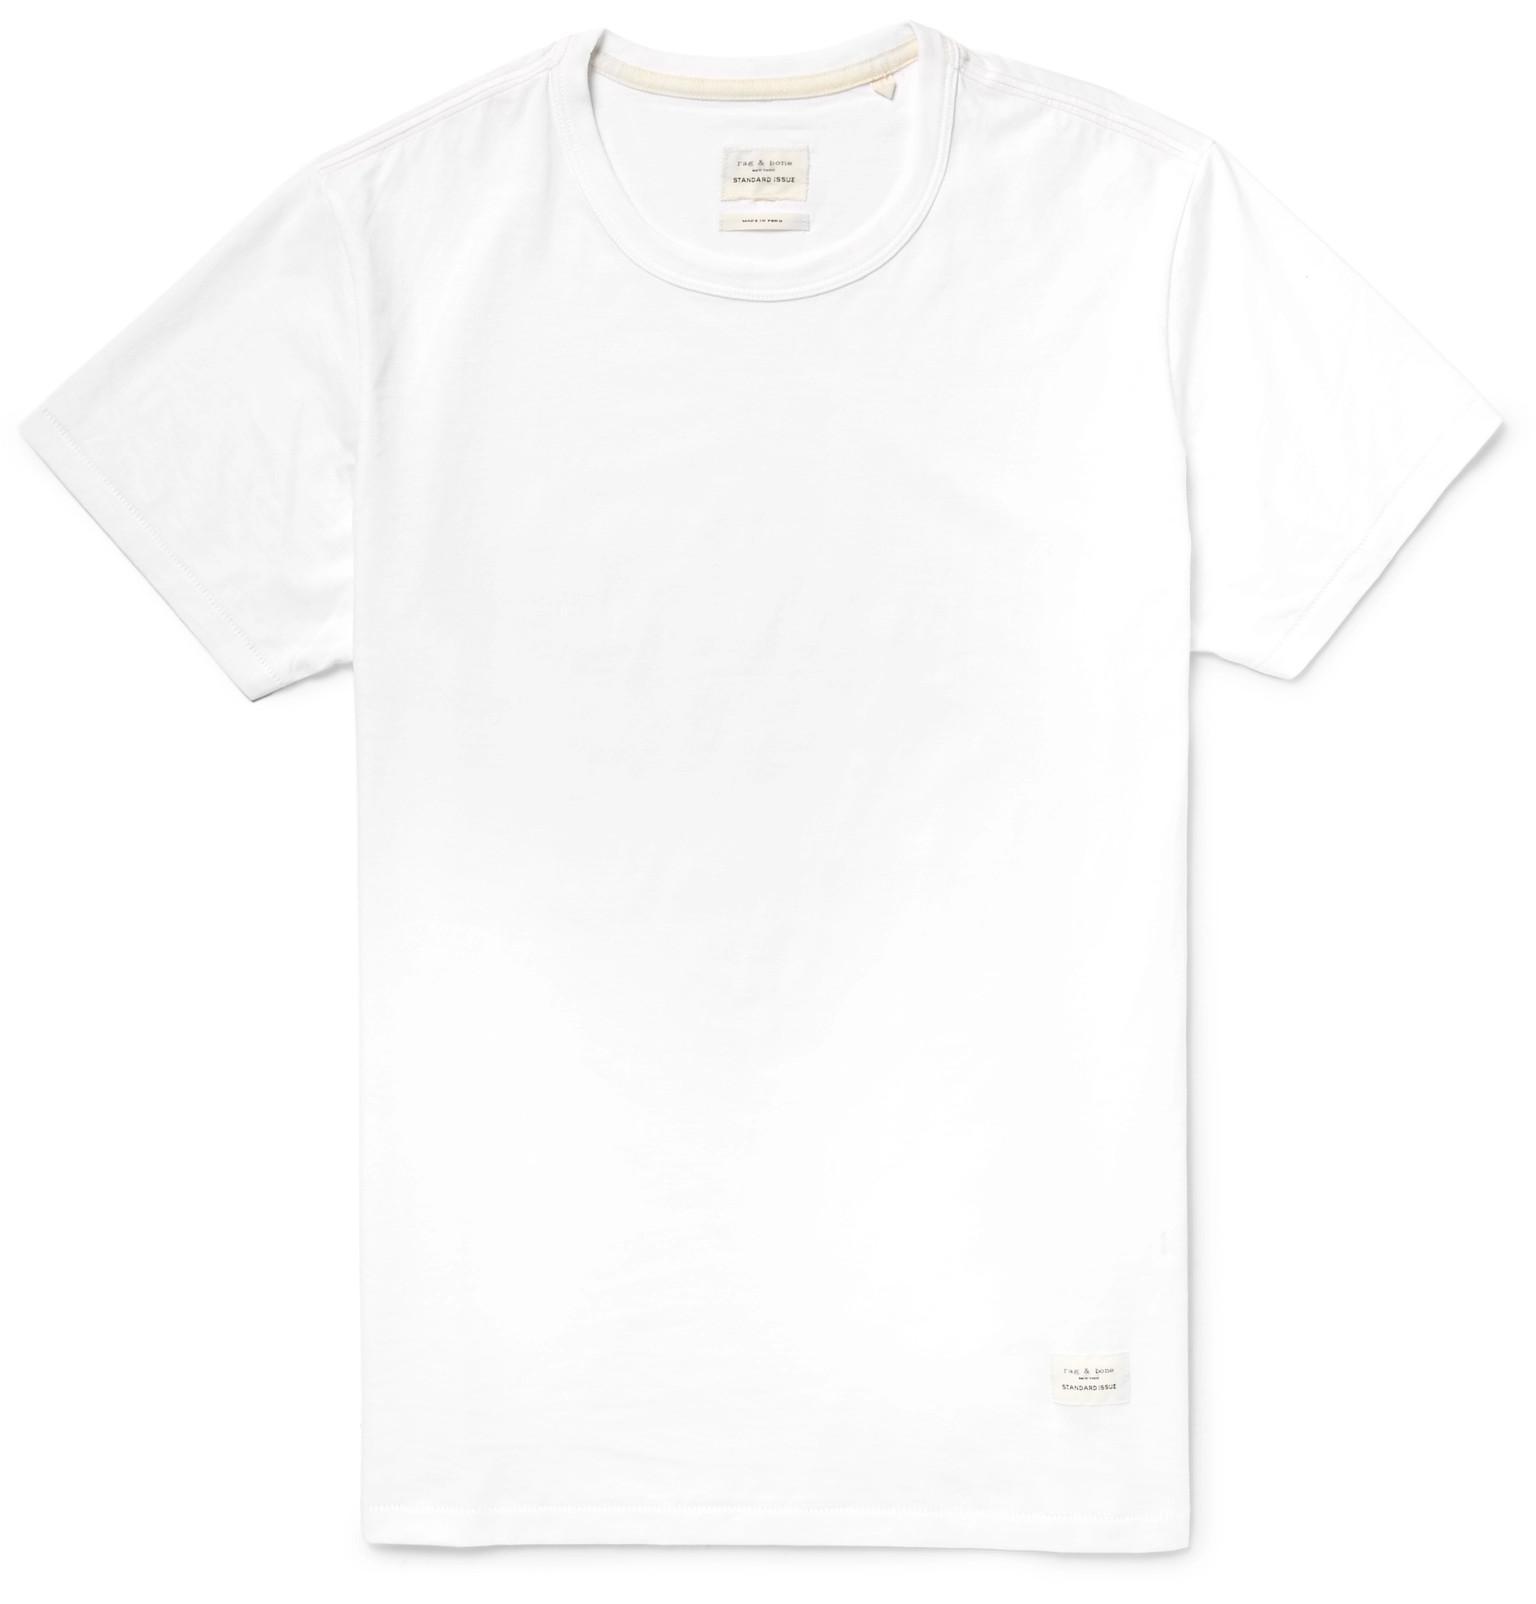 passive-aggressive gift shirt